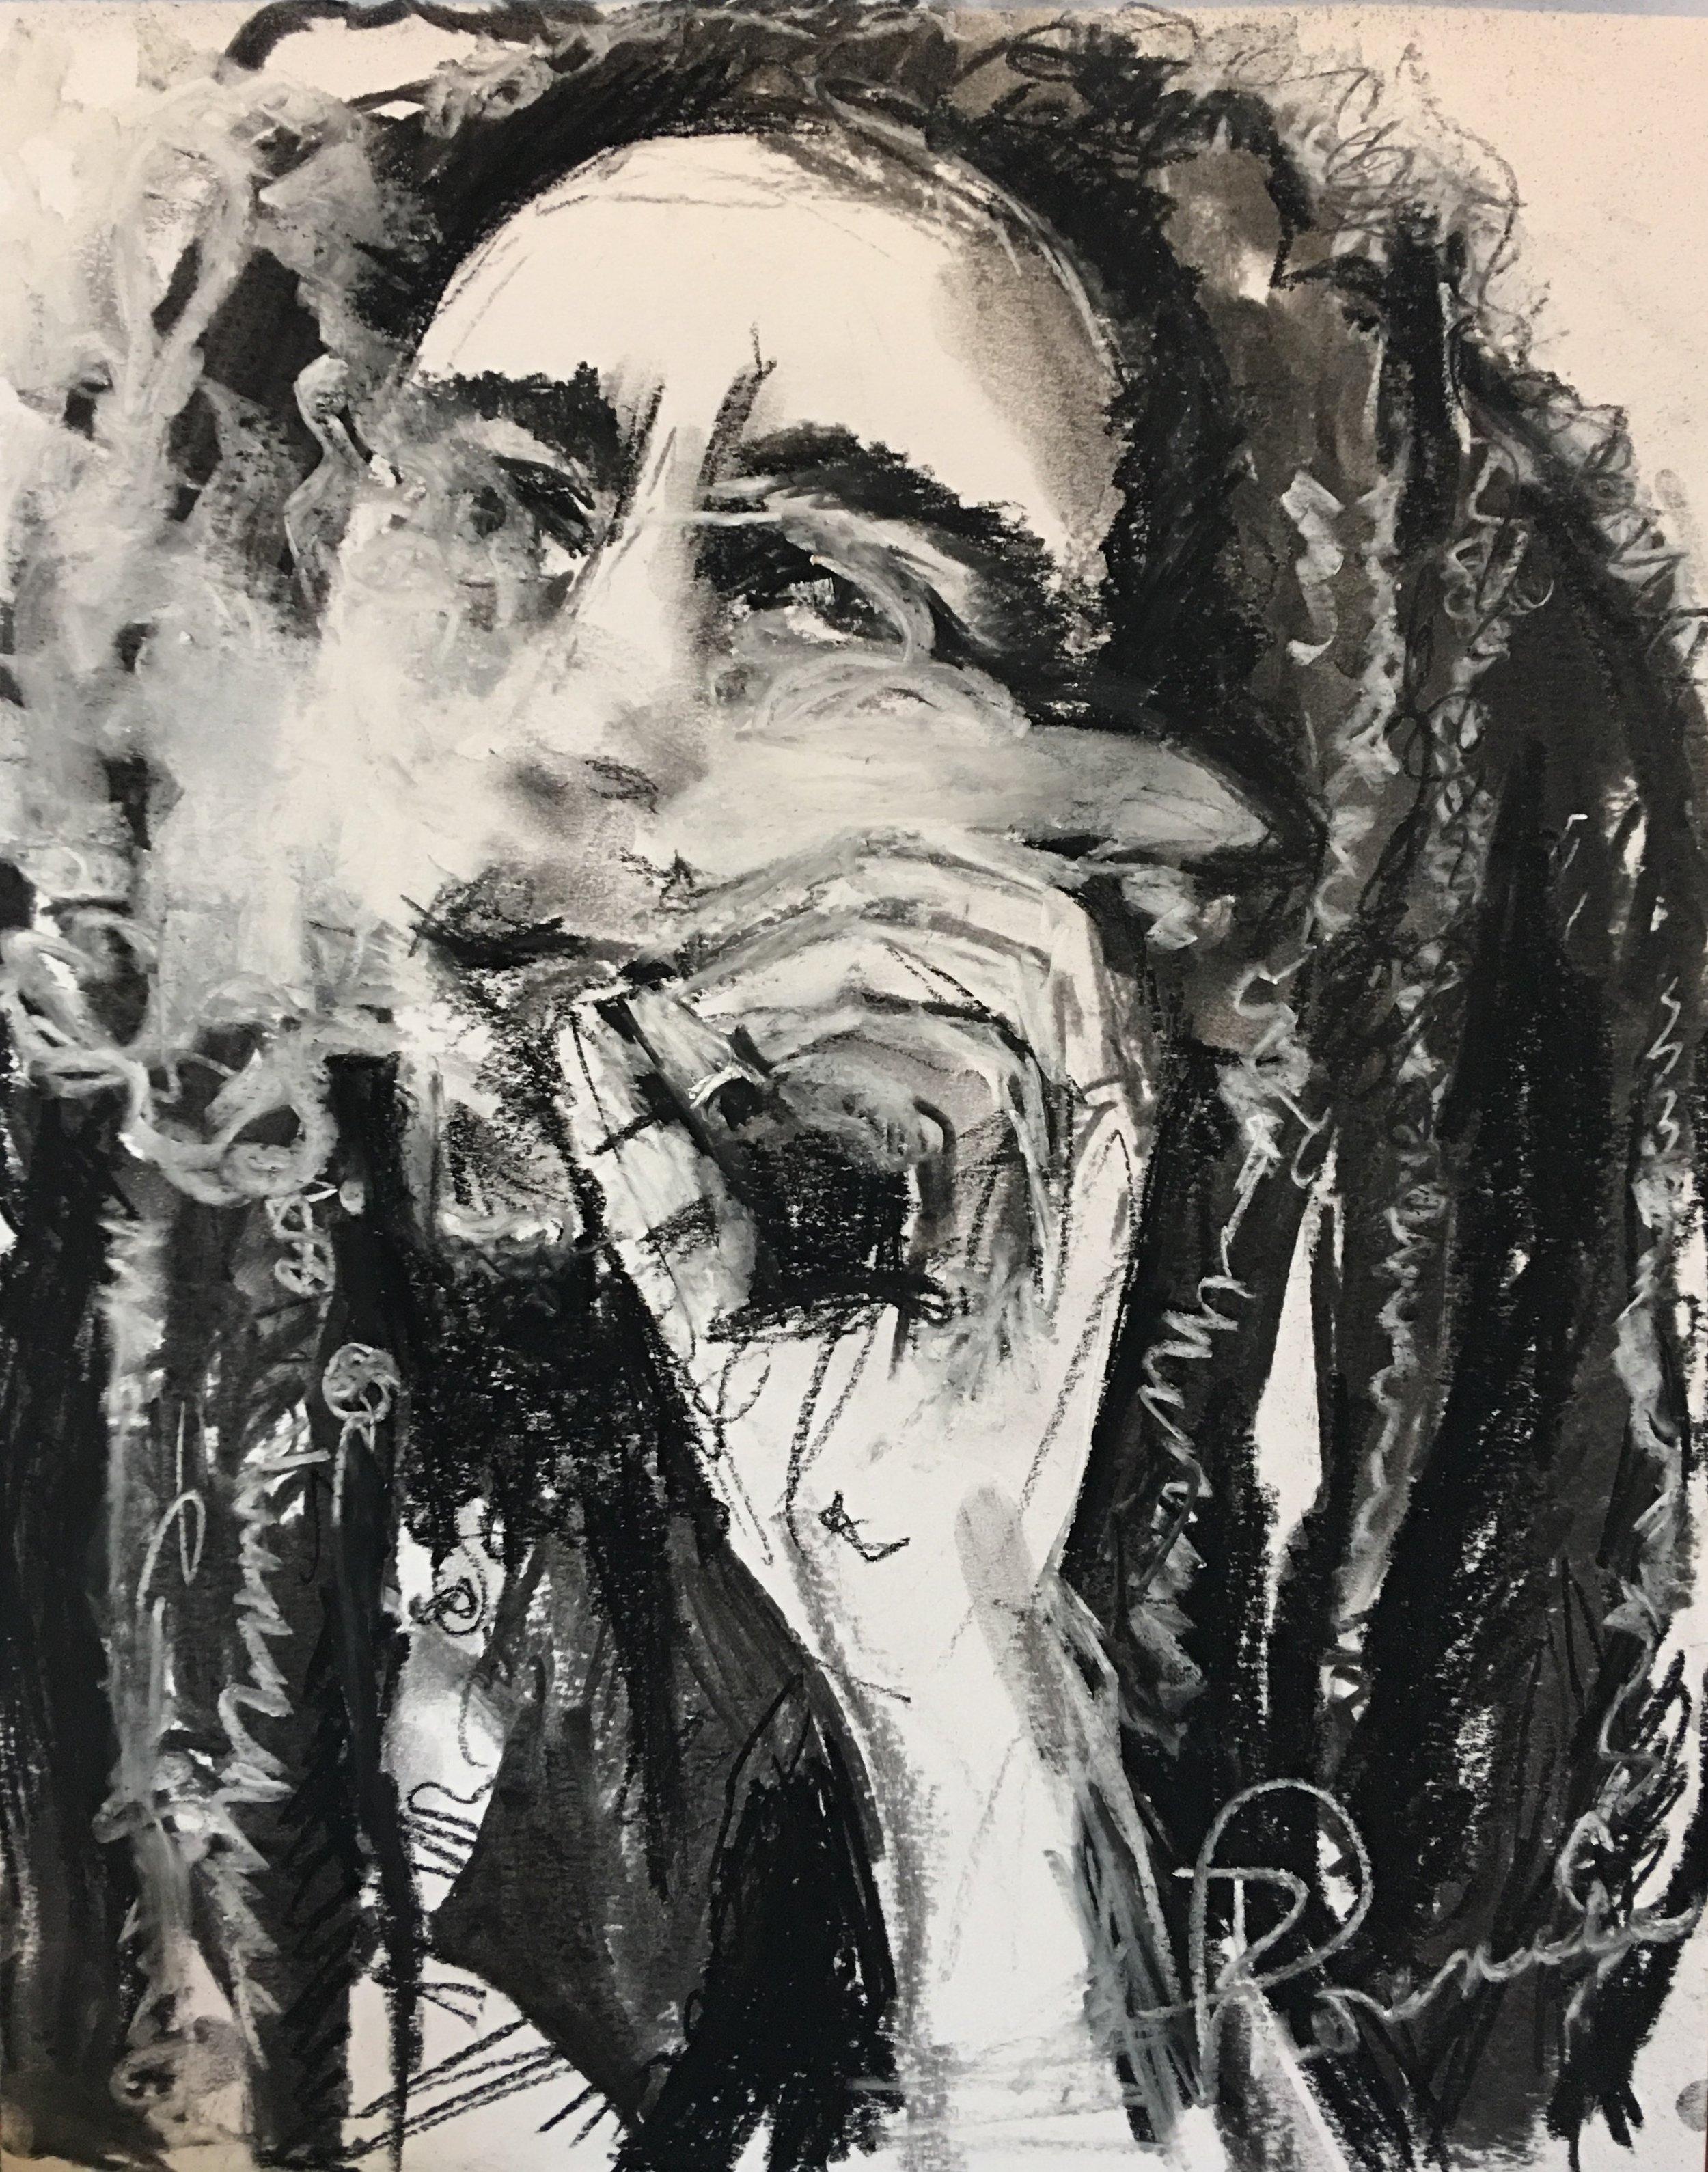 Marley Smoking Ganja 2017 .jpg